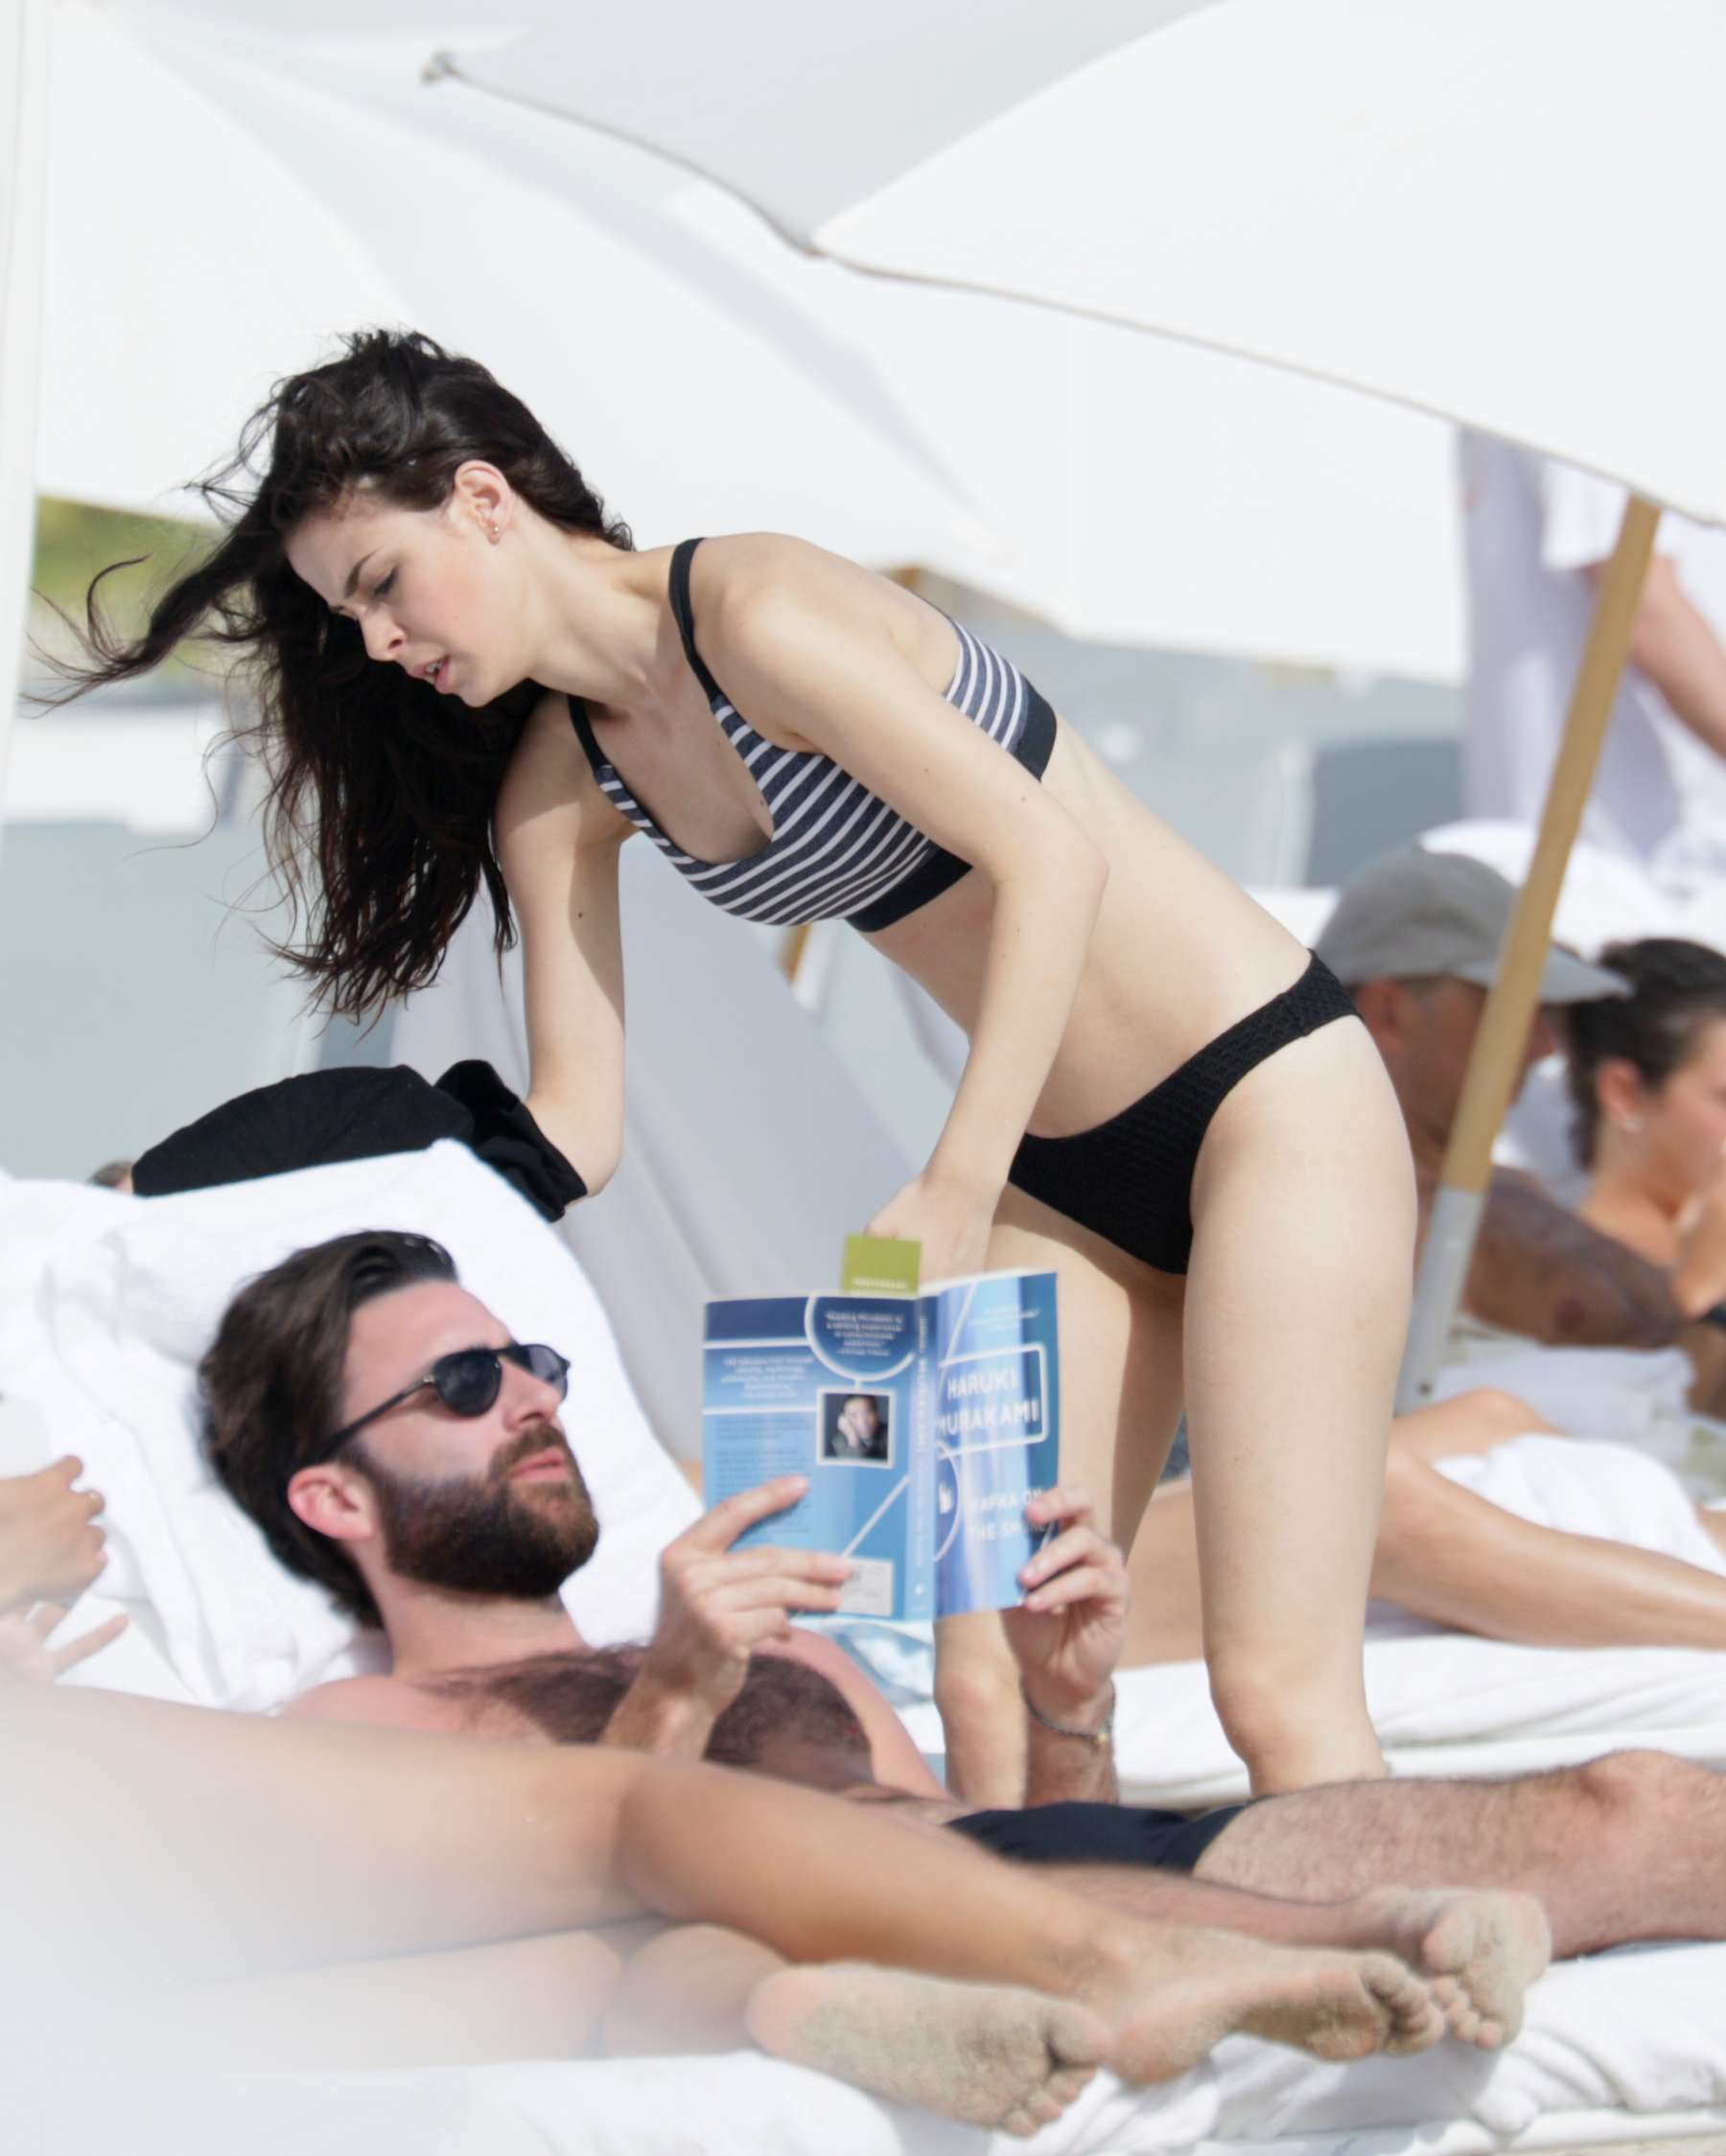 Lena Meyer Landrut 2016 : Lena Meyer Landrut in Bikini -09